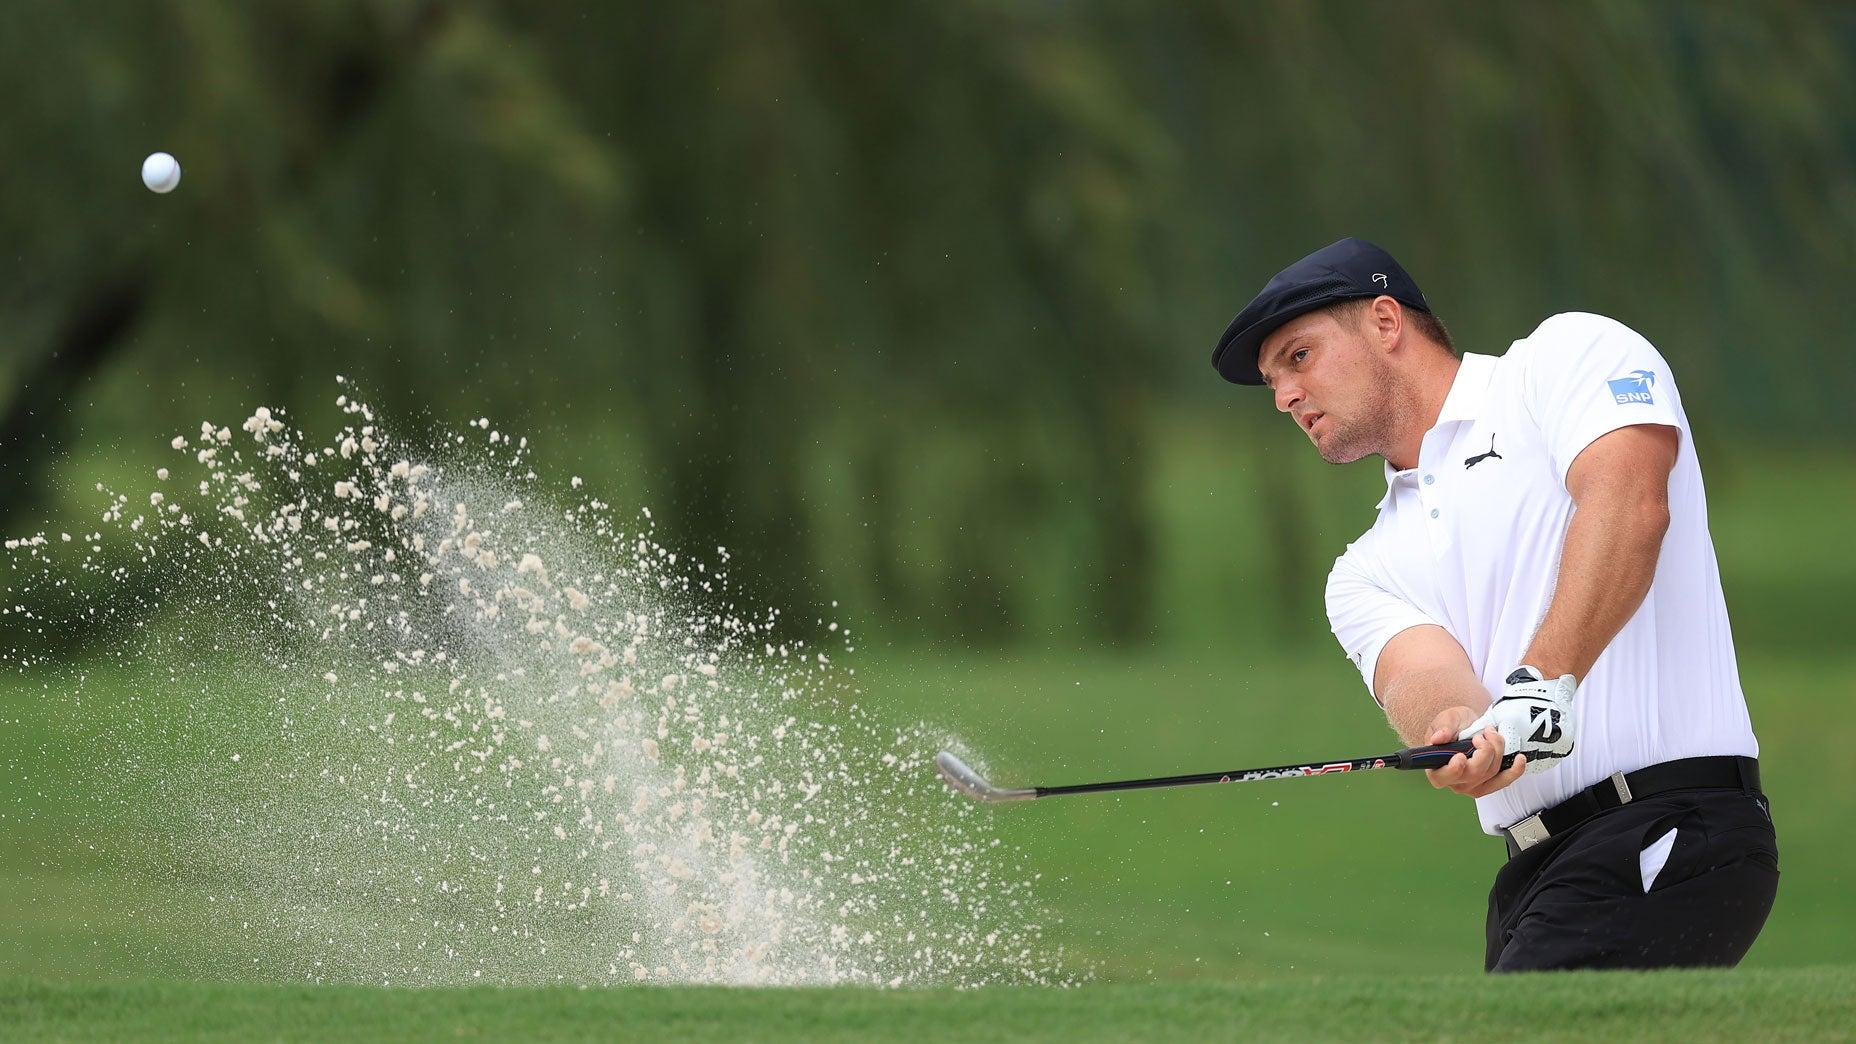 Bryson DeChambeau golfing